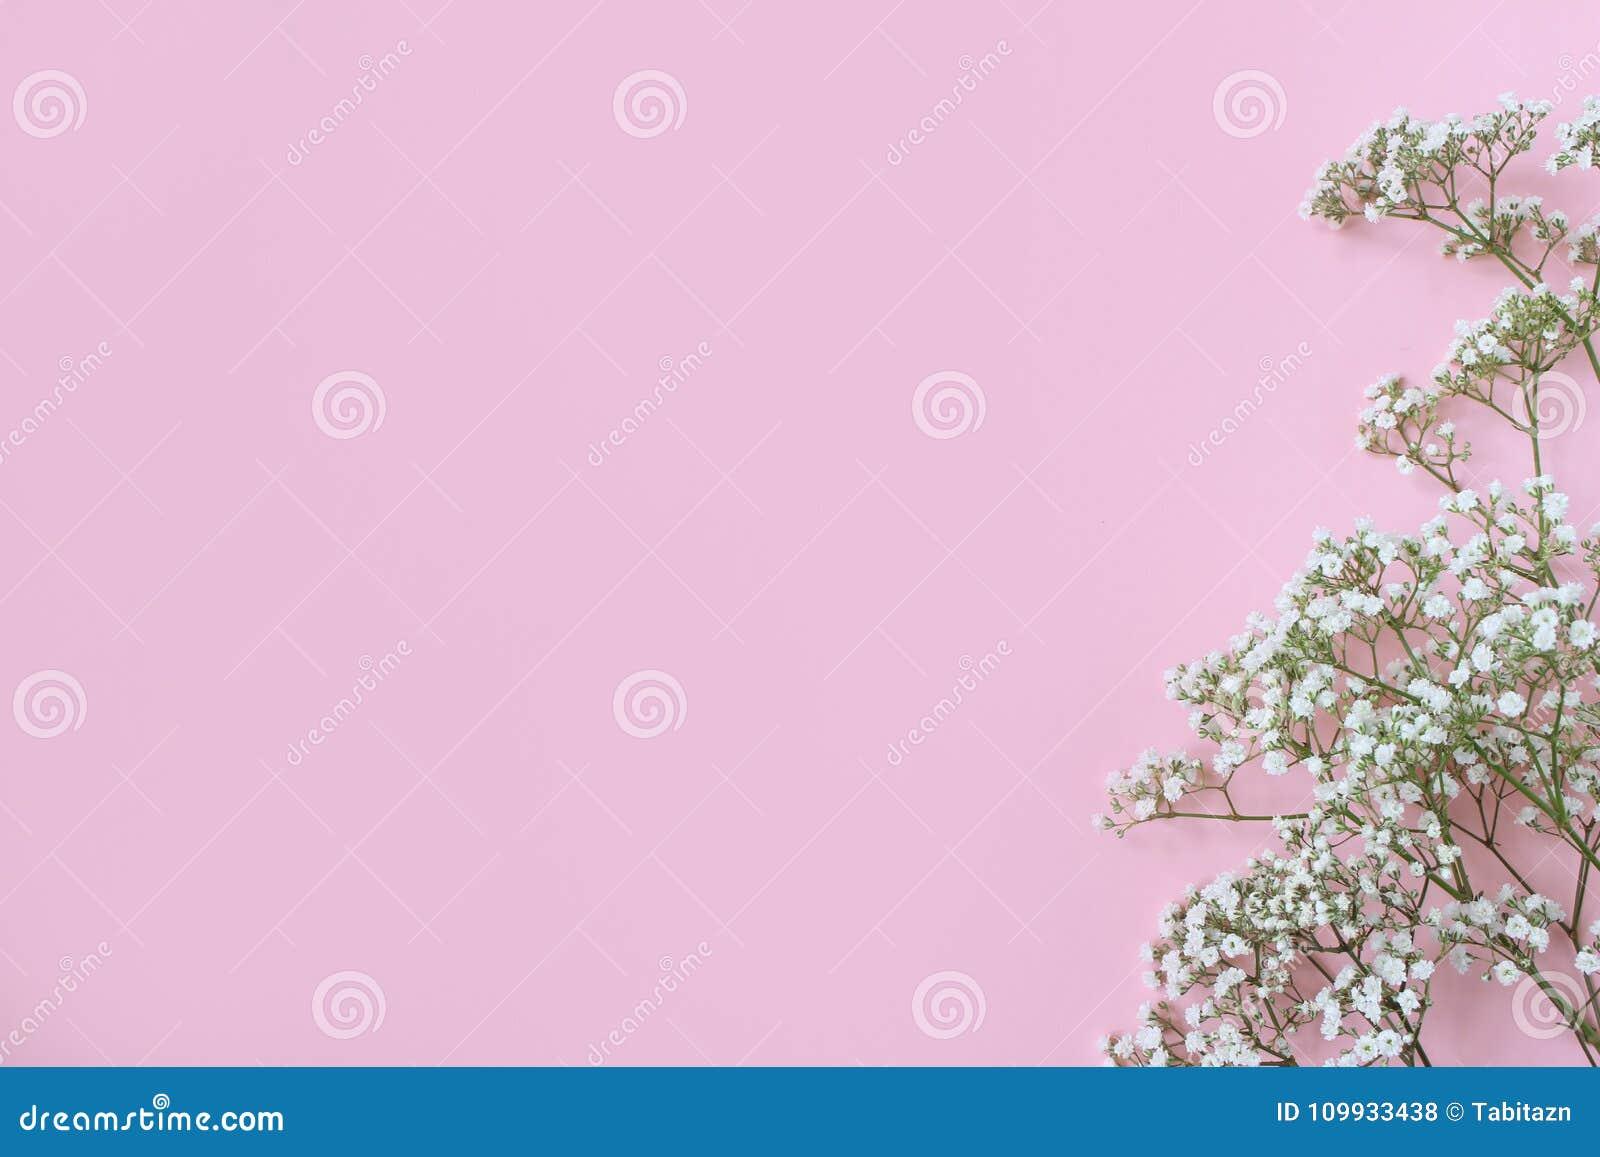 Введенное в моду фото запаса Женственная свадьба, модель-макет настольного компьютера дня рождения с гипсофилой дыхания ` s младе